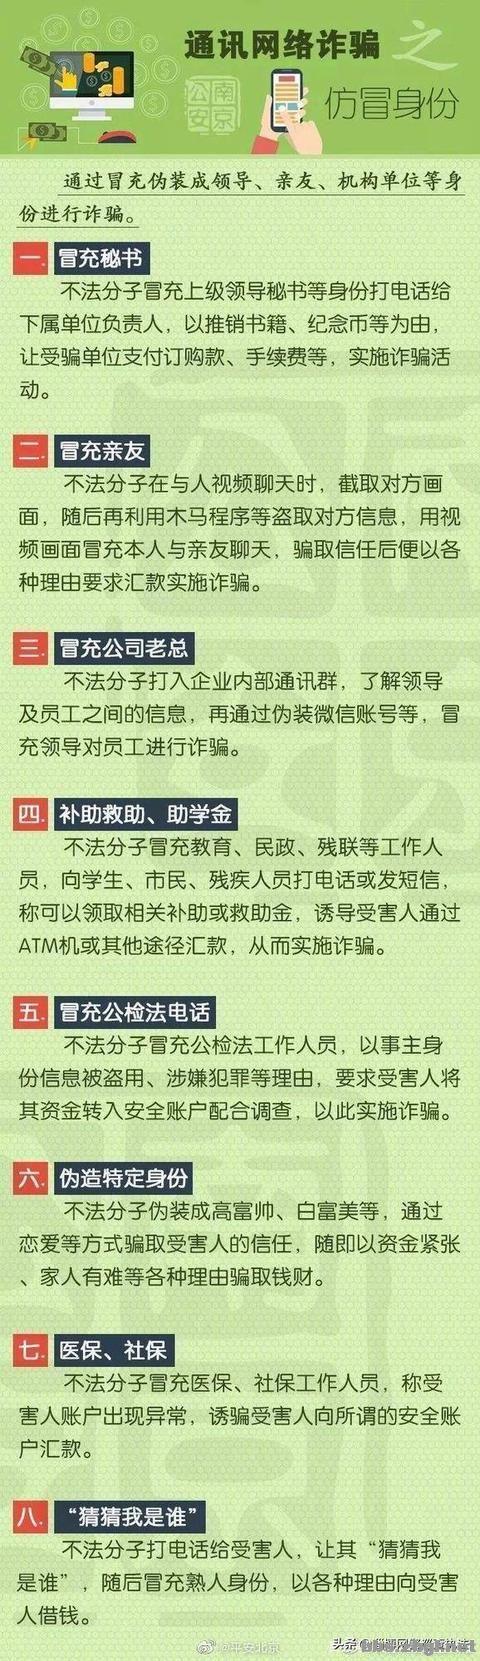 史上最全电信诈骗 58种诈骗手法9大类型 ????-1.jpg